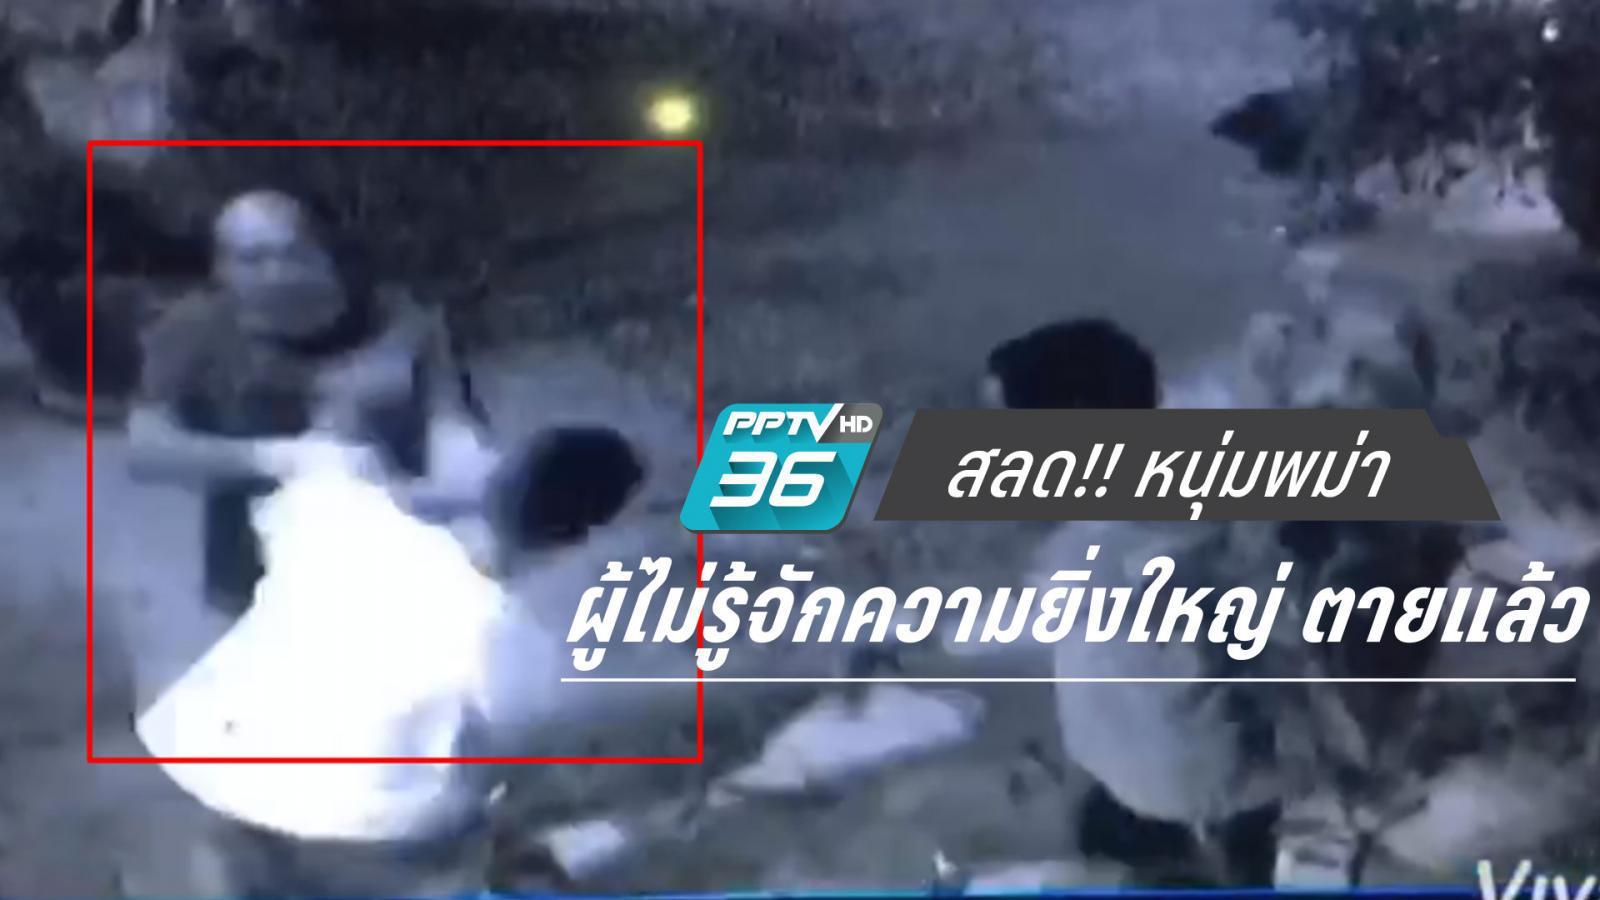 หนุ่มพม่า บุกทวงเงินค่าห้องพัก แต่ถูกทำร้ายร่างกาย ล่าสุดปวดหัวตายแล้ว